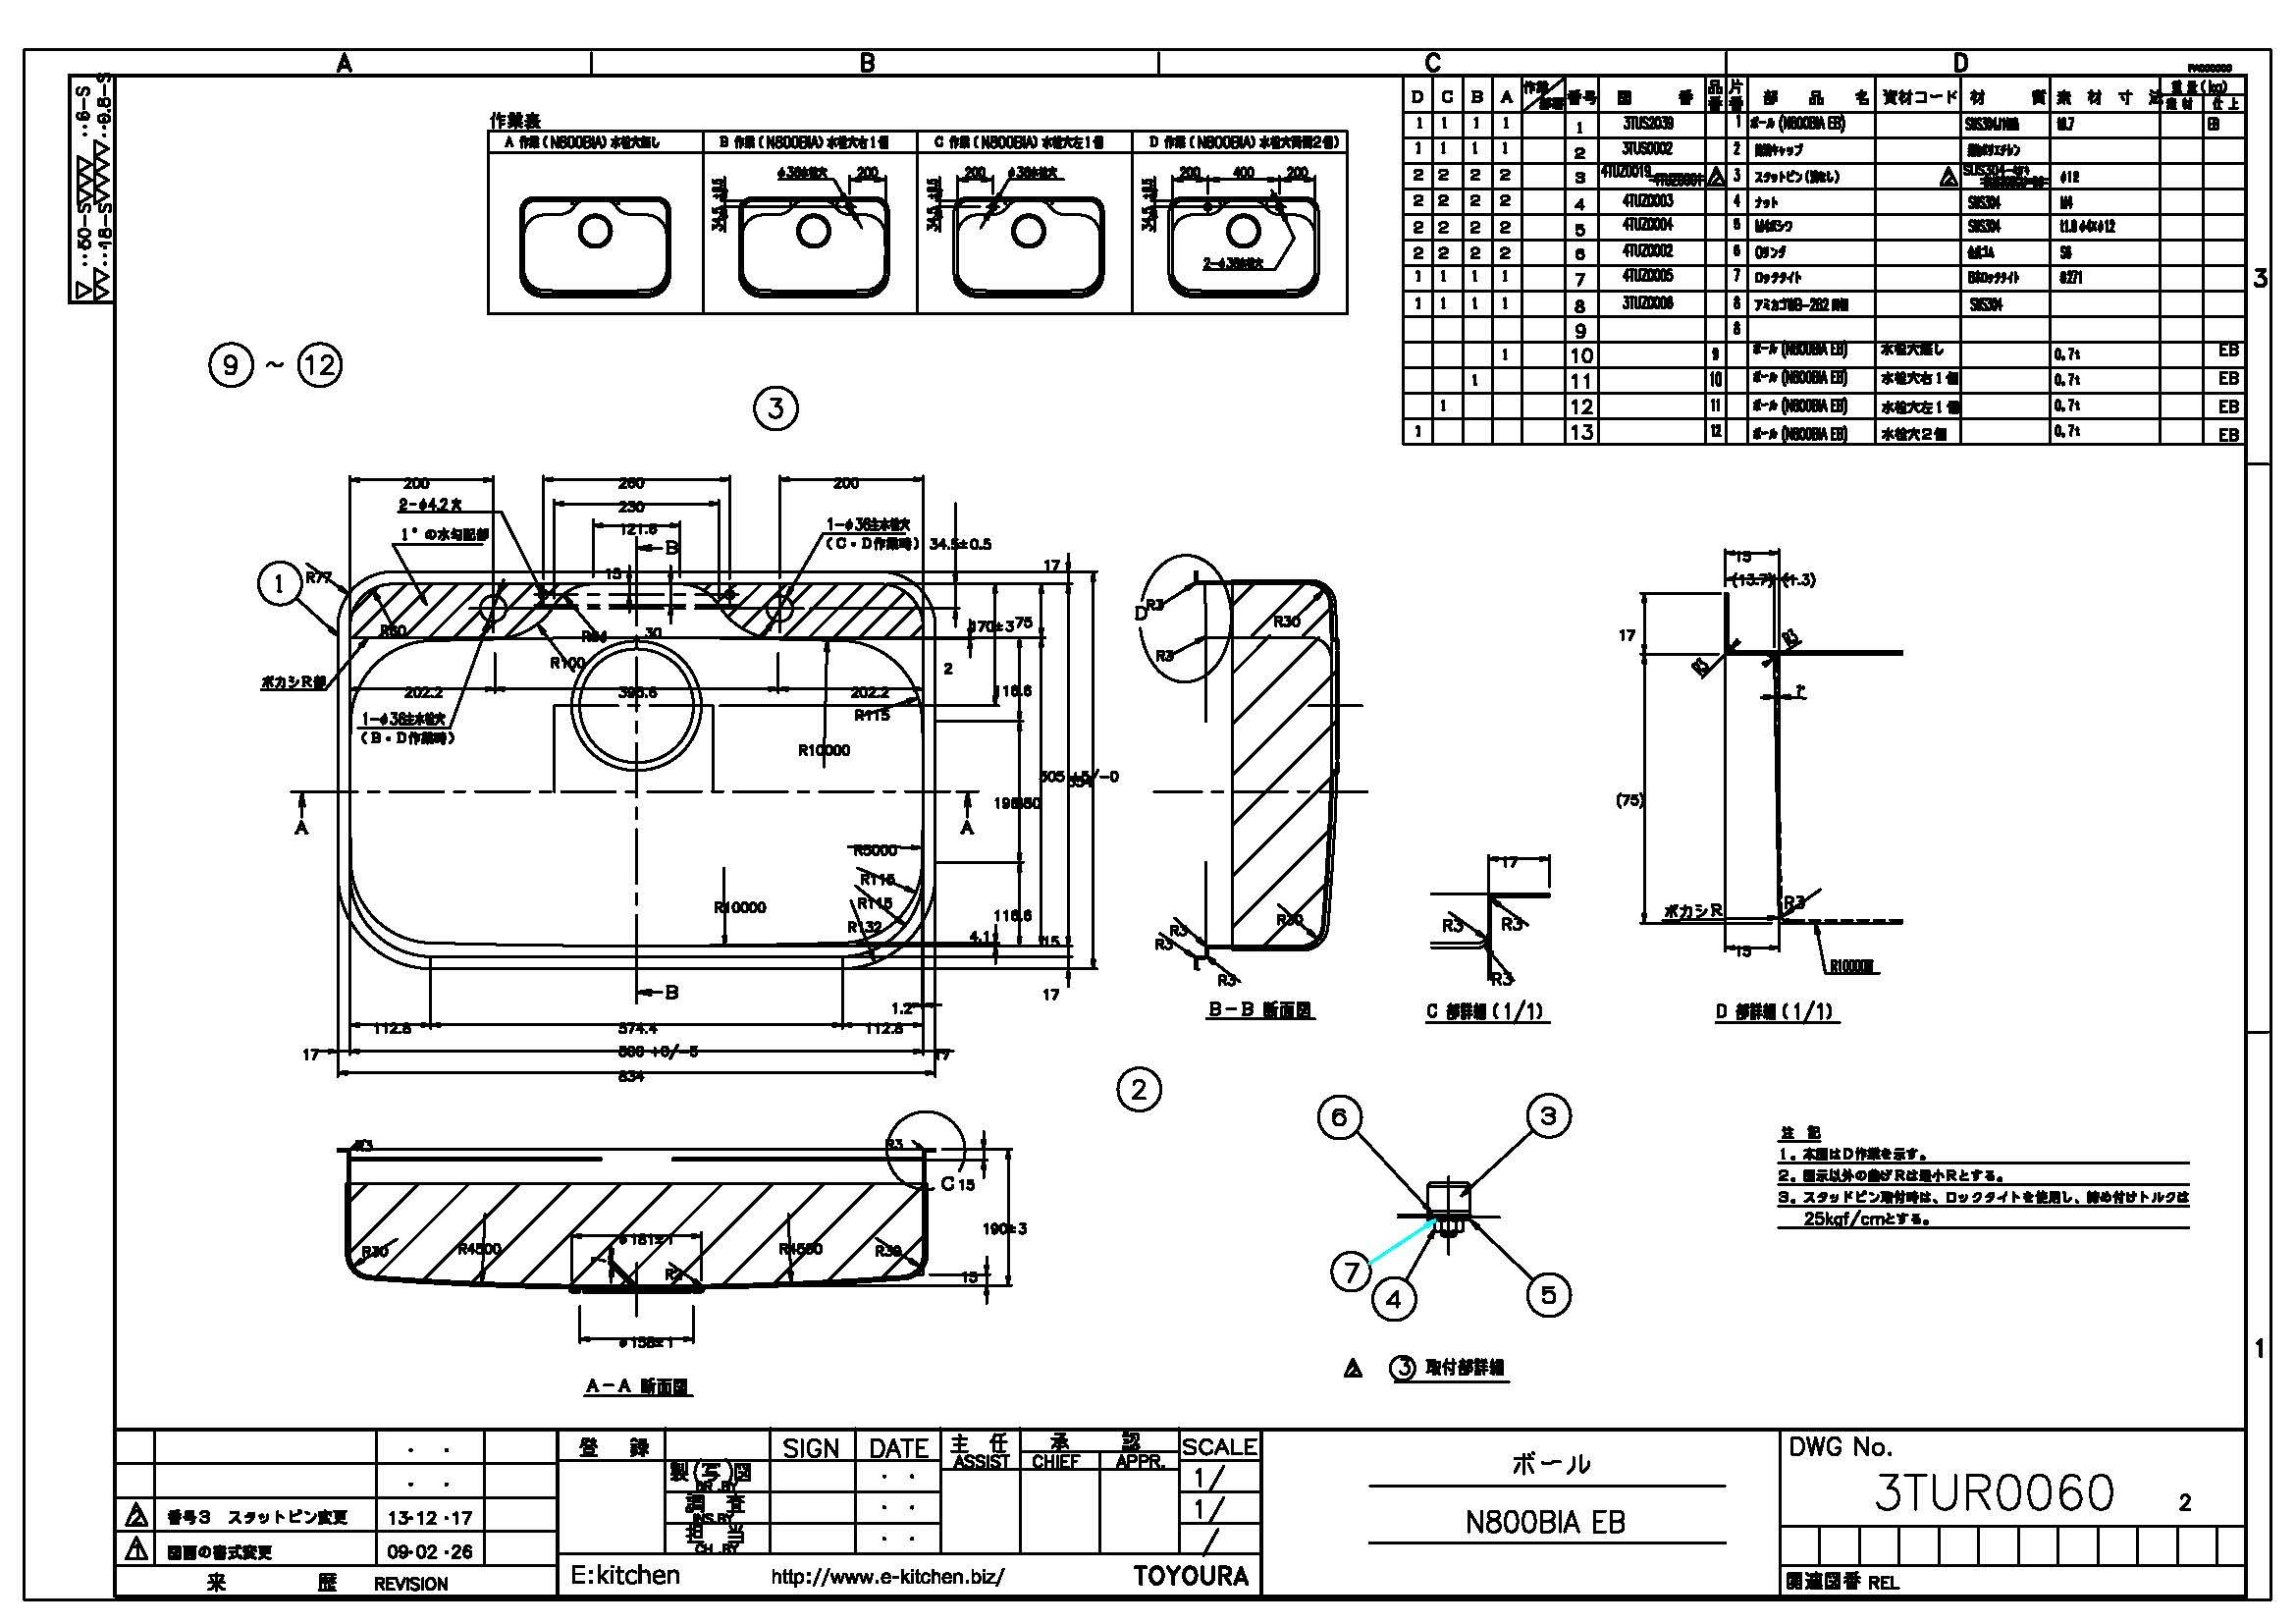 アンダーシンク N800BIA-EB